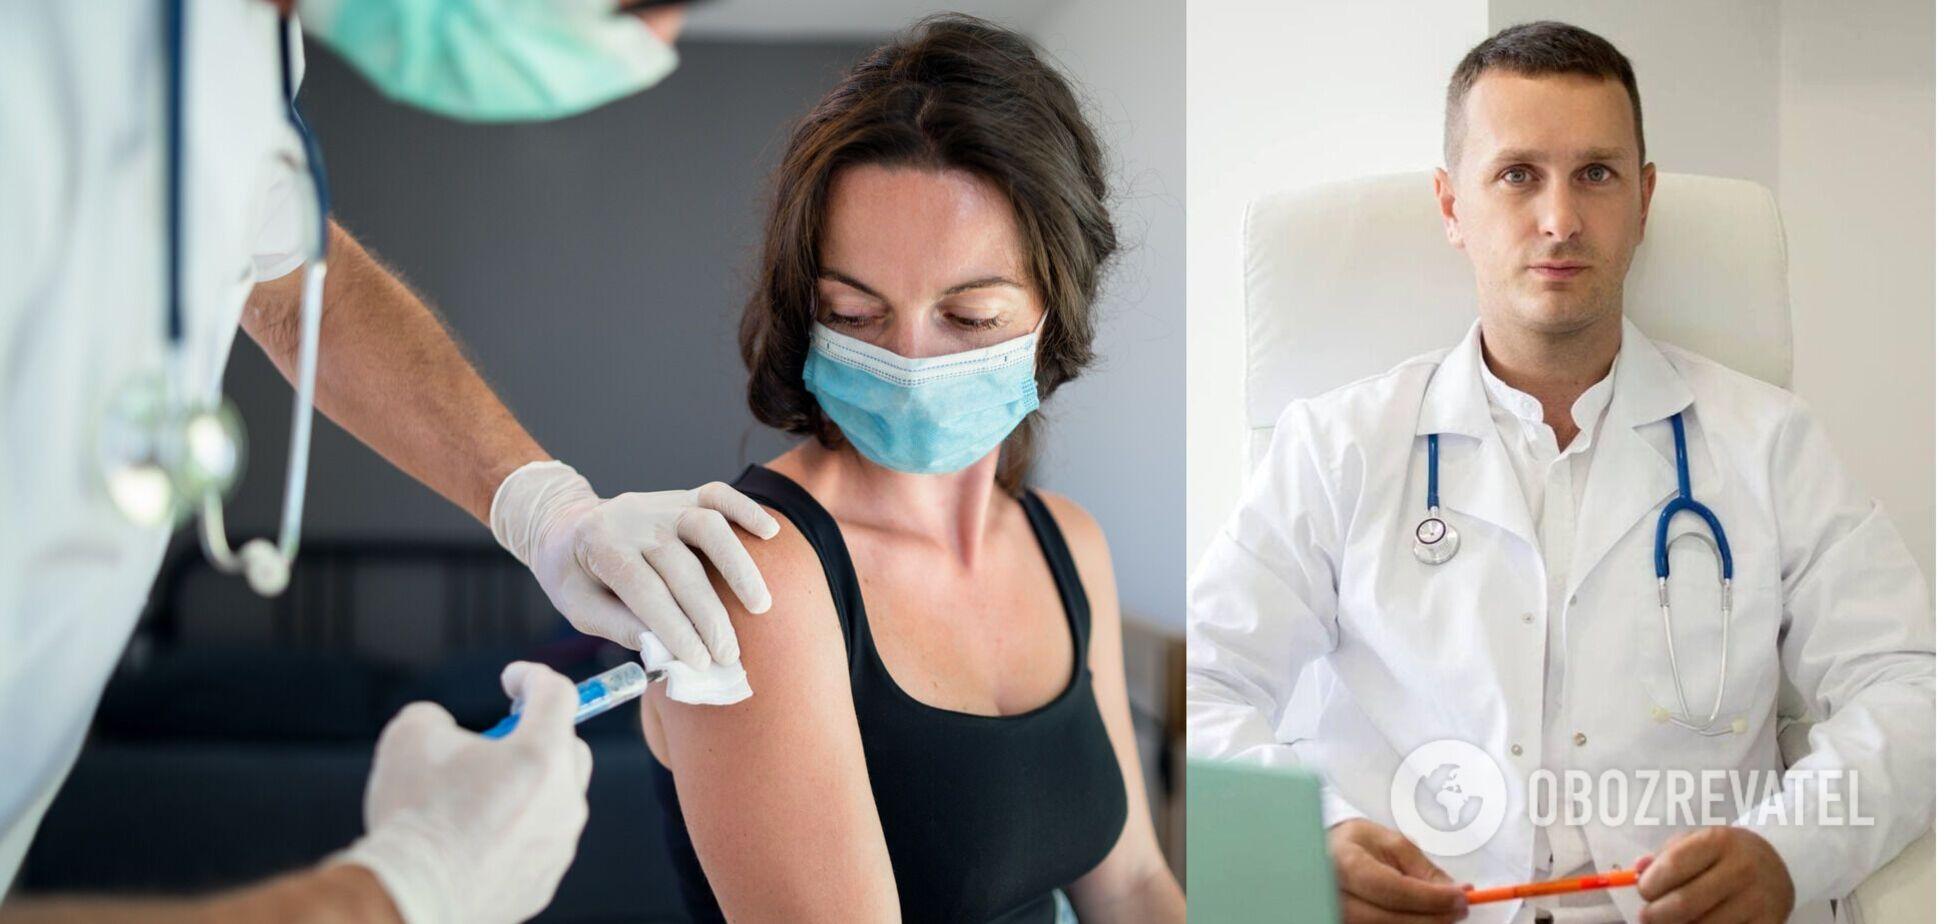 Центры вакцинации могут закрыть: врач объяснил причину